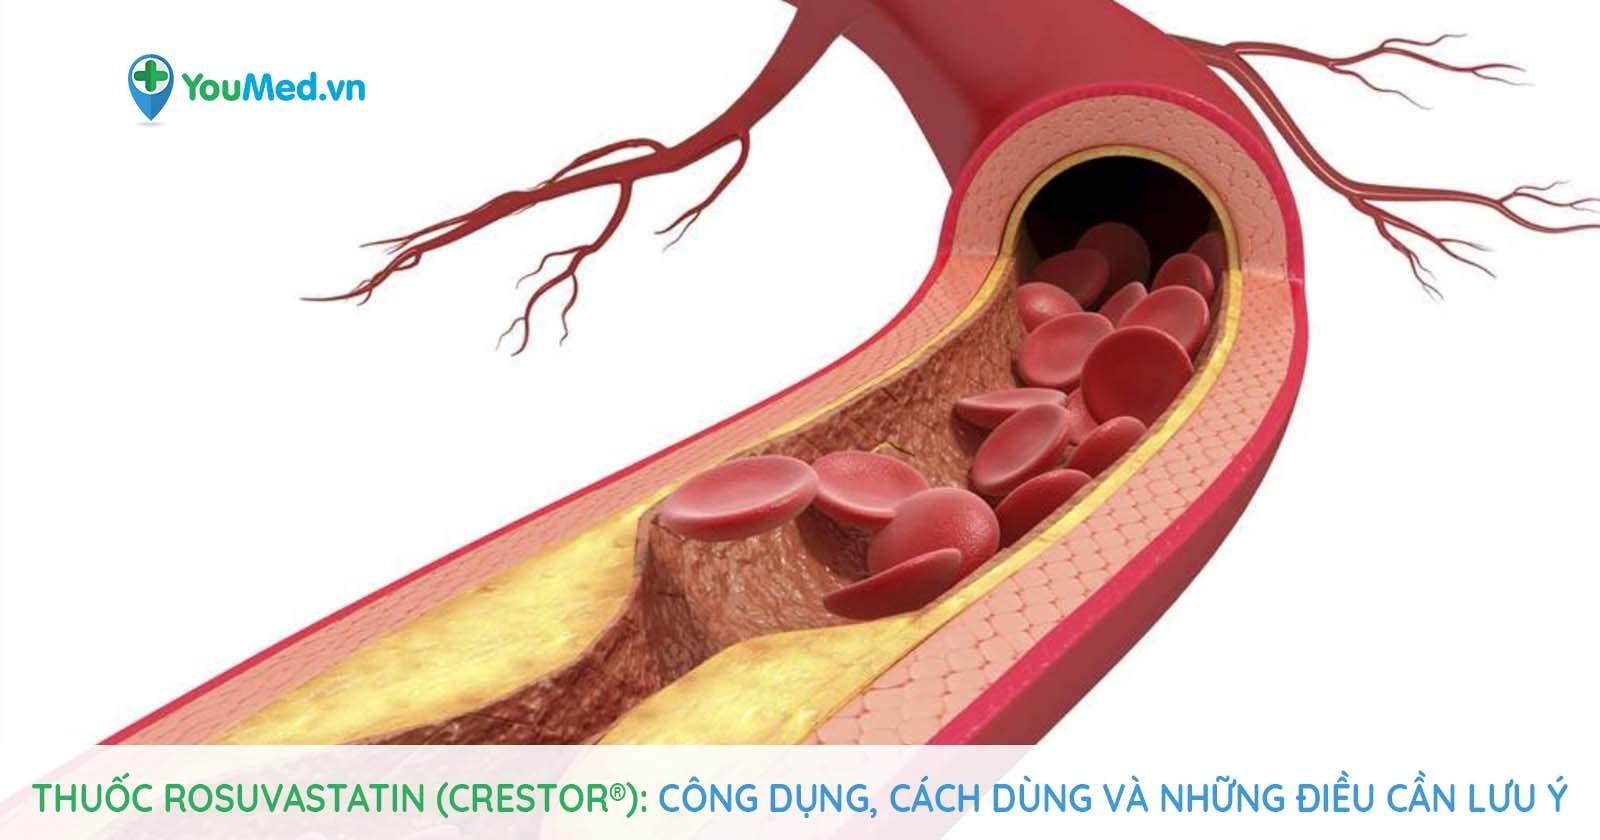 Thuốc Rosuvastatin (Crestor®): Công dụng, cách dùng và lưu ý